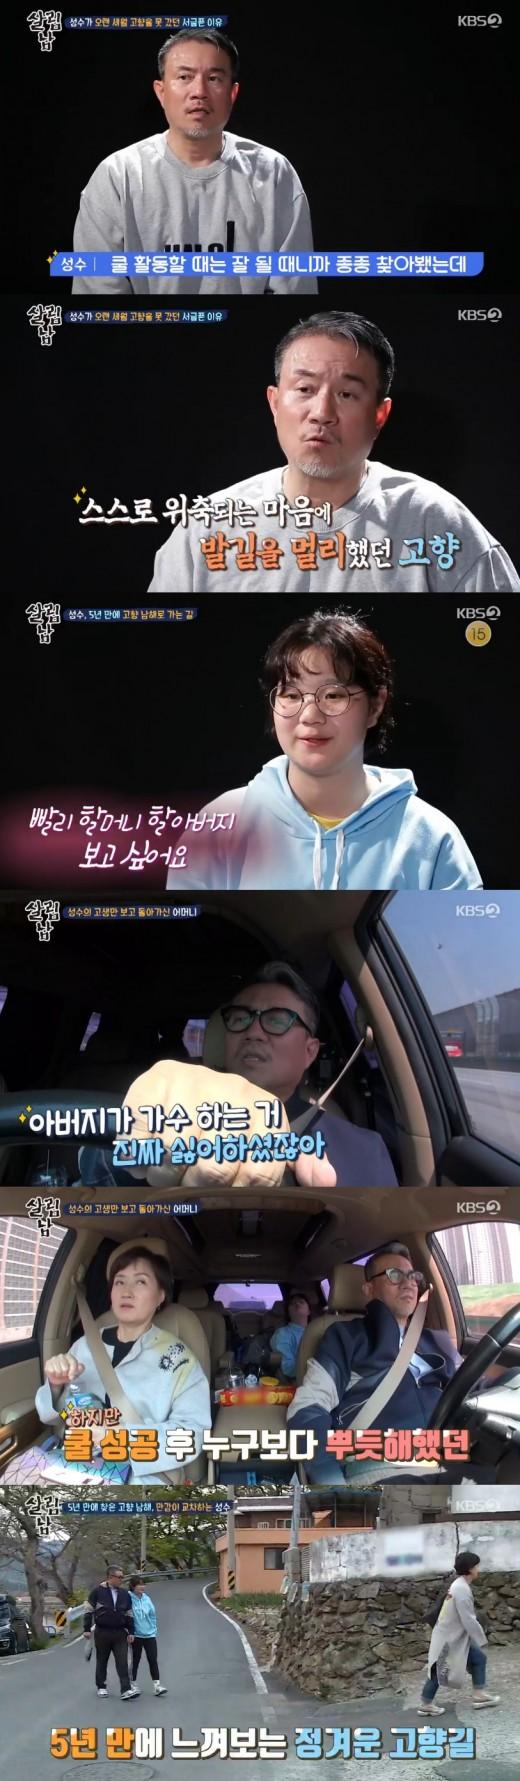 """'살림남' 김성수, 5년 만에 찾은 고향 """"가슴 속 응어리가 사라지는 느낌""""_이미지"""